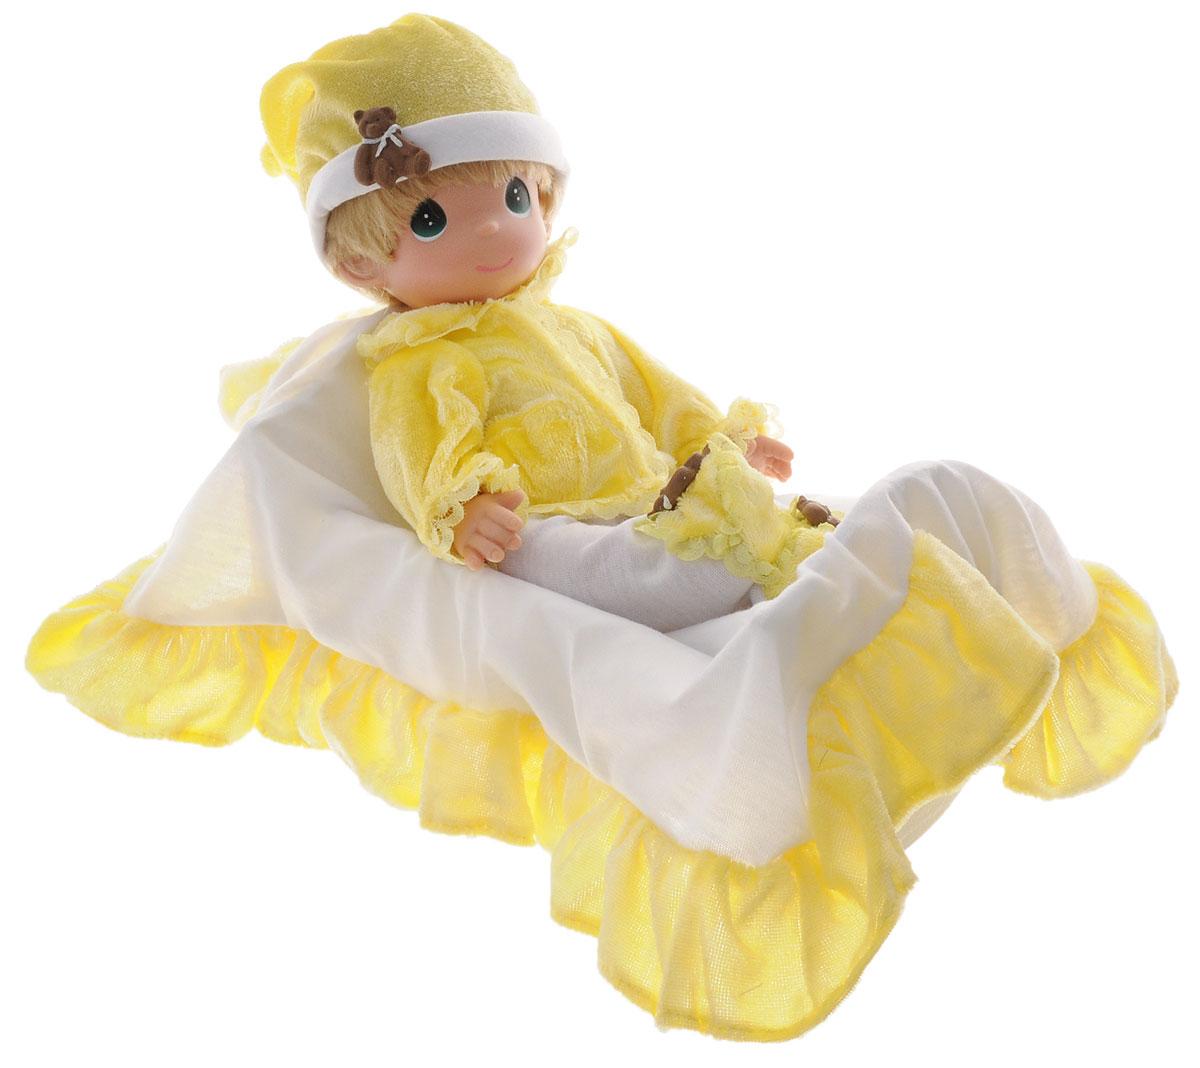 Precious Moments Кукла Рок-бай младенцев мальчик3516Коллекция кукол Precious Moments насчитывает на сегодняшний день более 600 видов. Куклы изготавливаются из качественного и безопасного материала. Каждый год в коллекцию добавляются все новые и новые модели. Каждая кукла имеет свой неповторимый образ и характер. Она может быть подарком на память о каком-либо событии в жизни. Куклы выполнены с любовью и нежностью, которую дарит нам известная волшебница - создатель кукол Линда Рик! Кукла Рок-бай младенцев одета в желто-белый костюмчик, дополненный декоративными элементами в виде мишек. На голове - колпак. У мальчика светлые волосы и большие зеленые глаза. В наборе также имеется кроватка и покрывало для куклы. Кукла научит ребенка взаимодействовать с окружающими, а также поспособствует развитию воображения, логики и тактильного восприятия. Кукла станет отличным подарком для девочки, а также ценным экспонатом любой коллекции кукол.